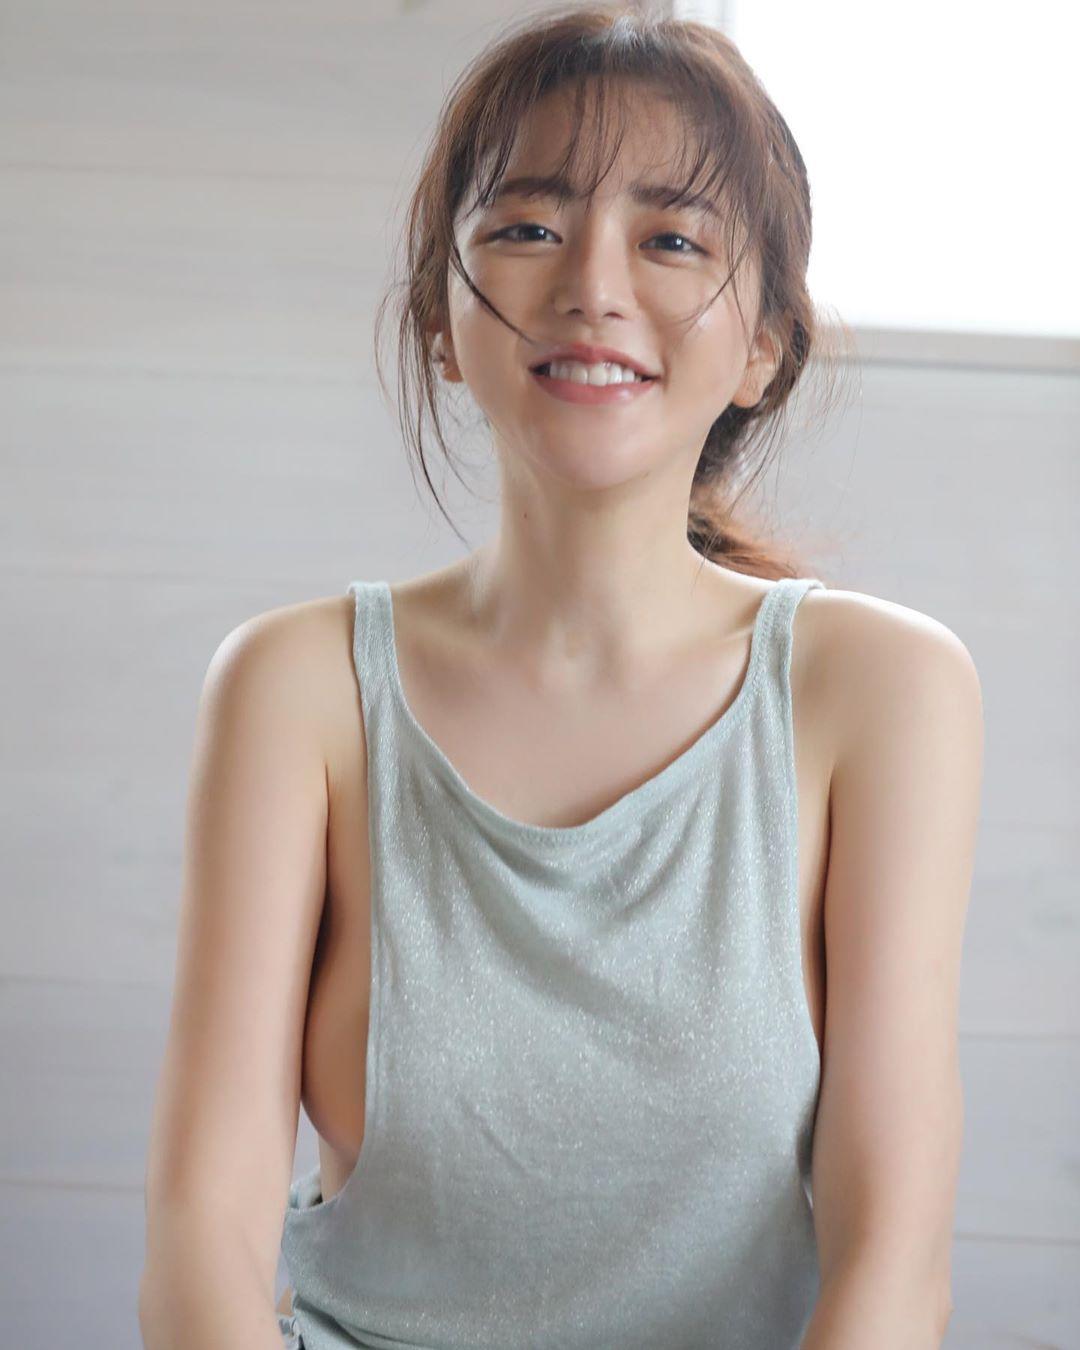 日本大胃王美女细肩带背心内衣饱满胸型外泄 养眼图片 第6张